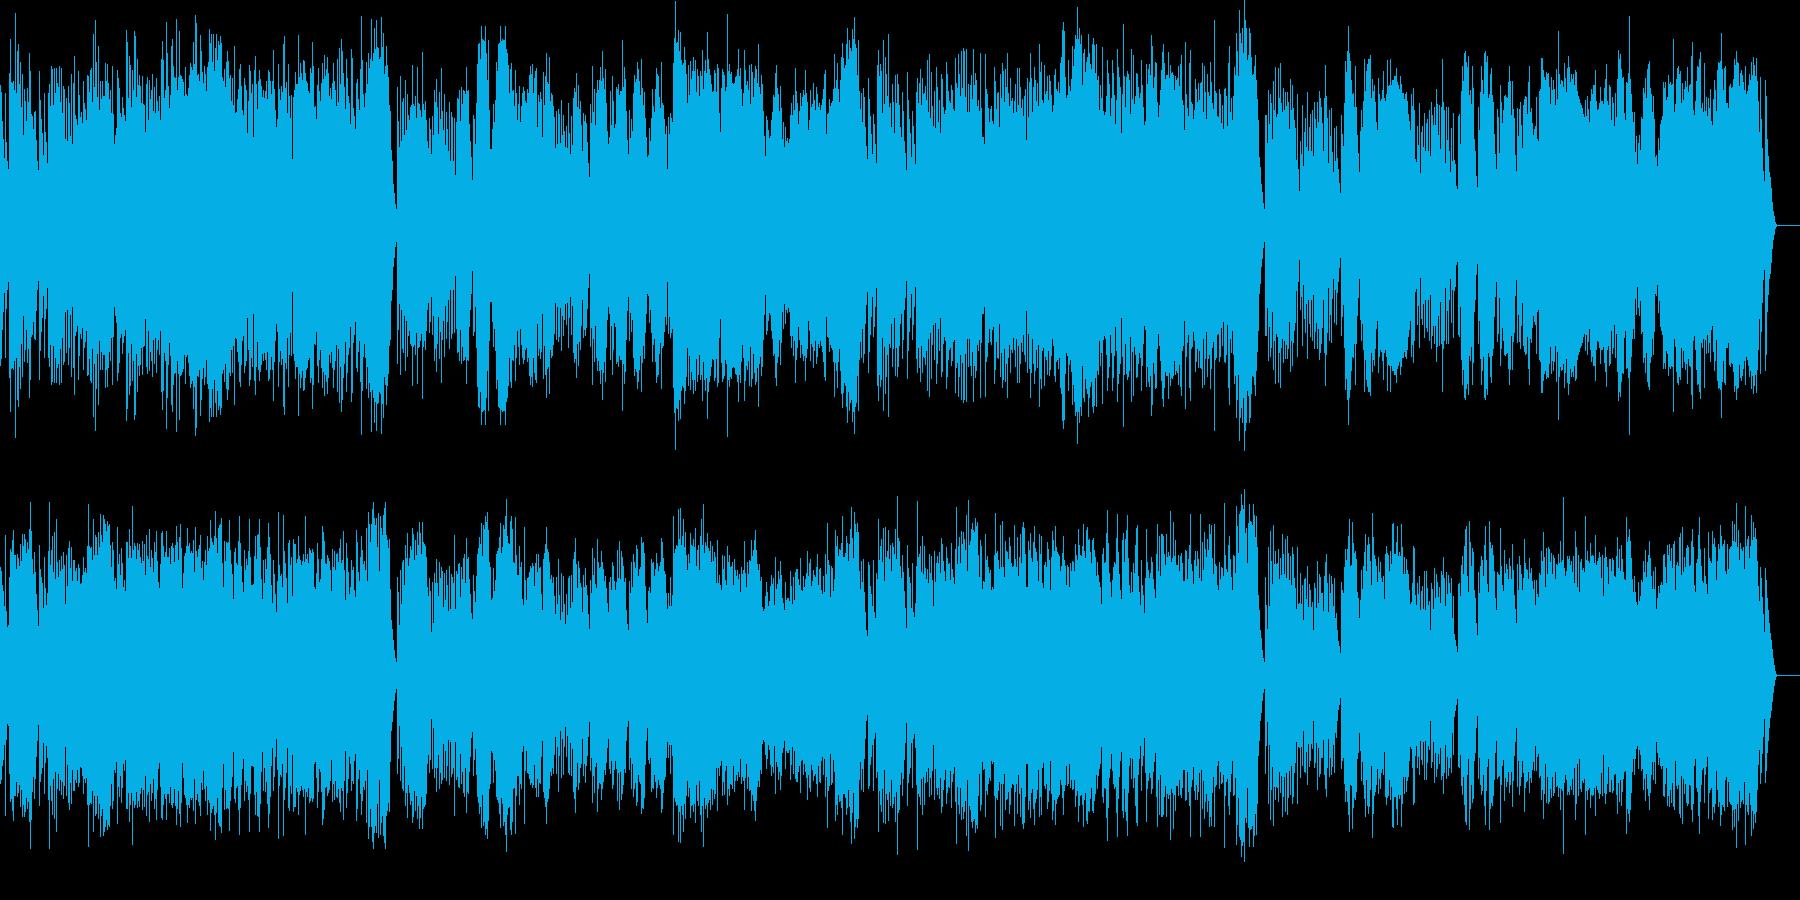 第1曲 小序曲(オルゴール)の再生済みの波形